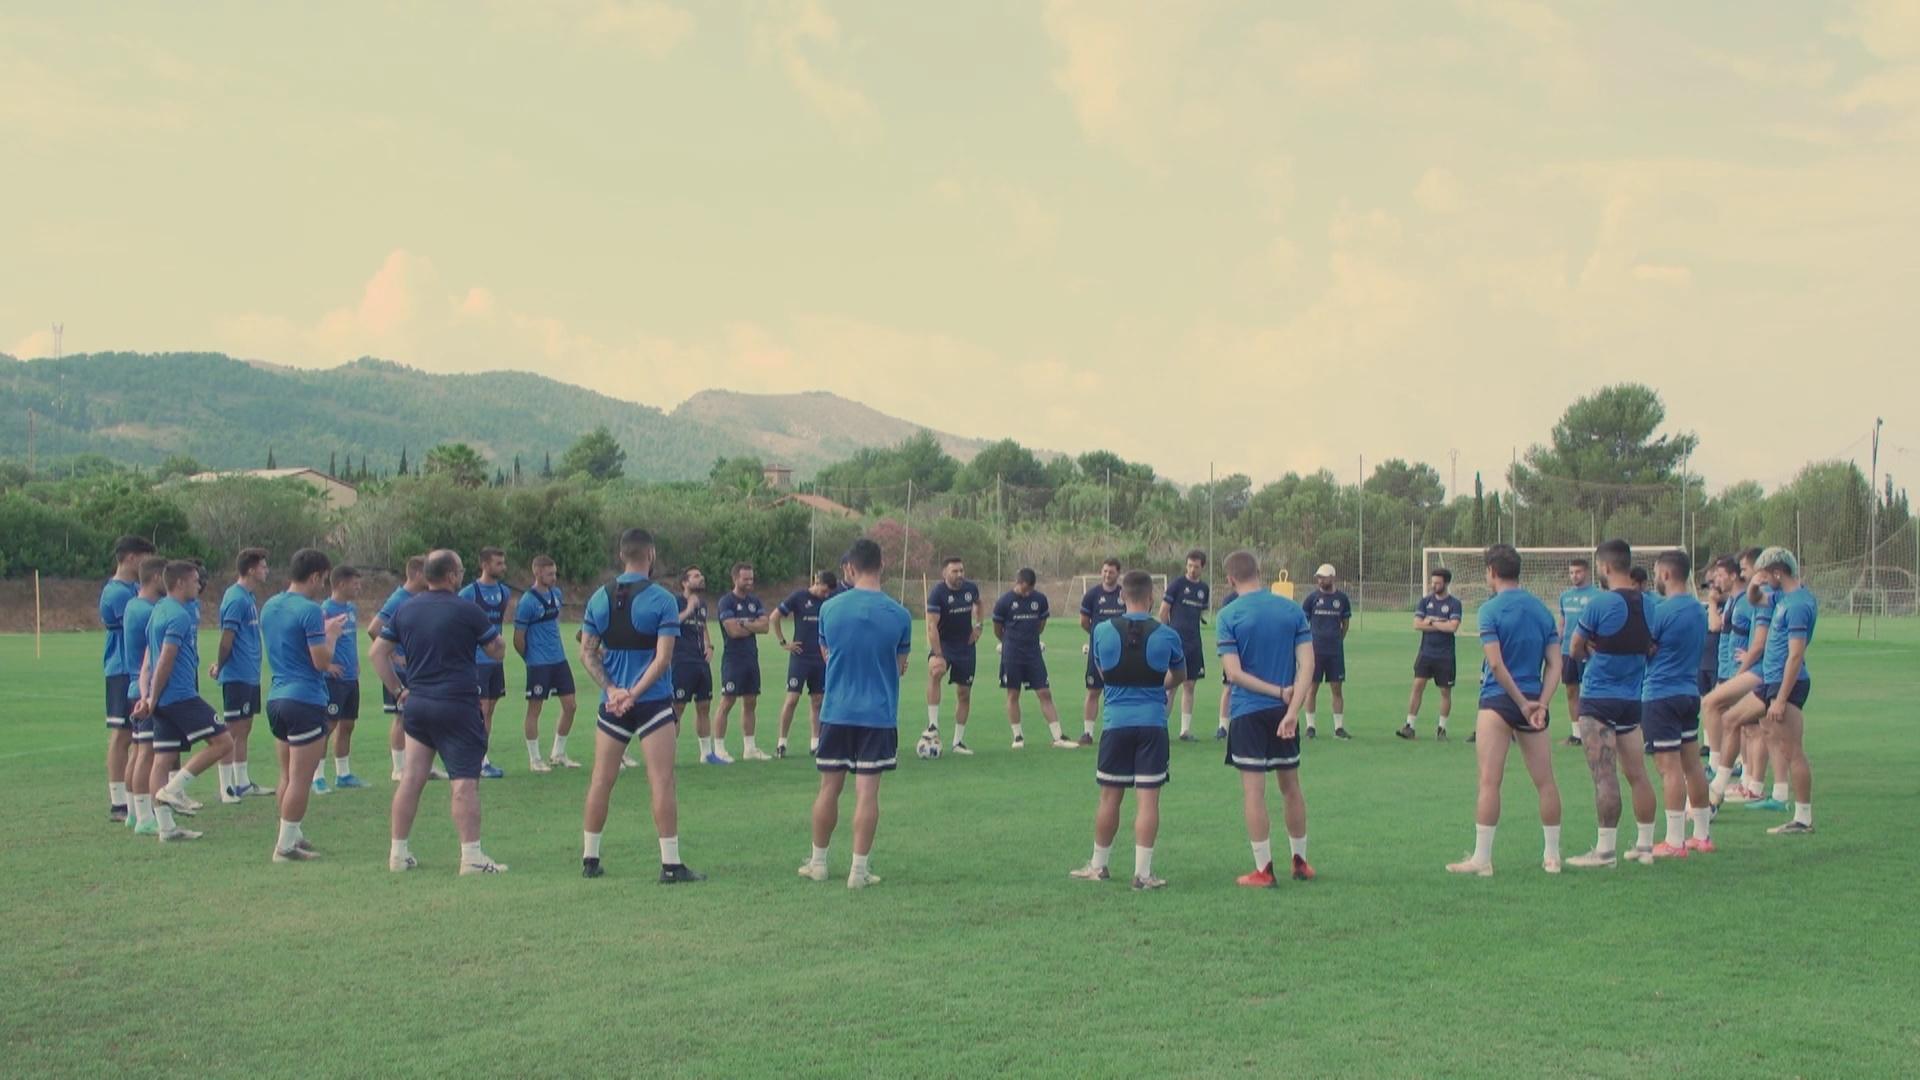 Eder Sarabia espera algun reforç en atac per completar la plantilla del FC Andorra